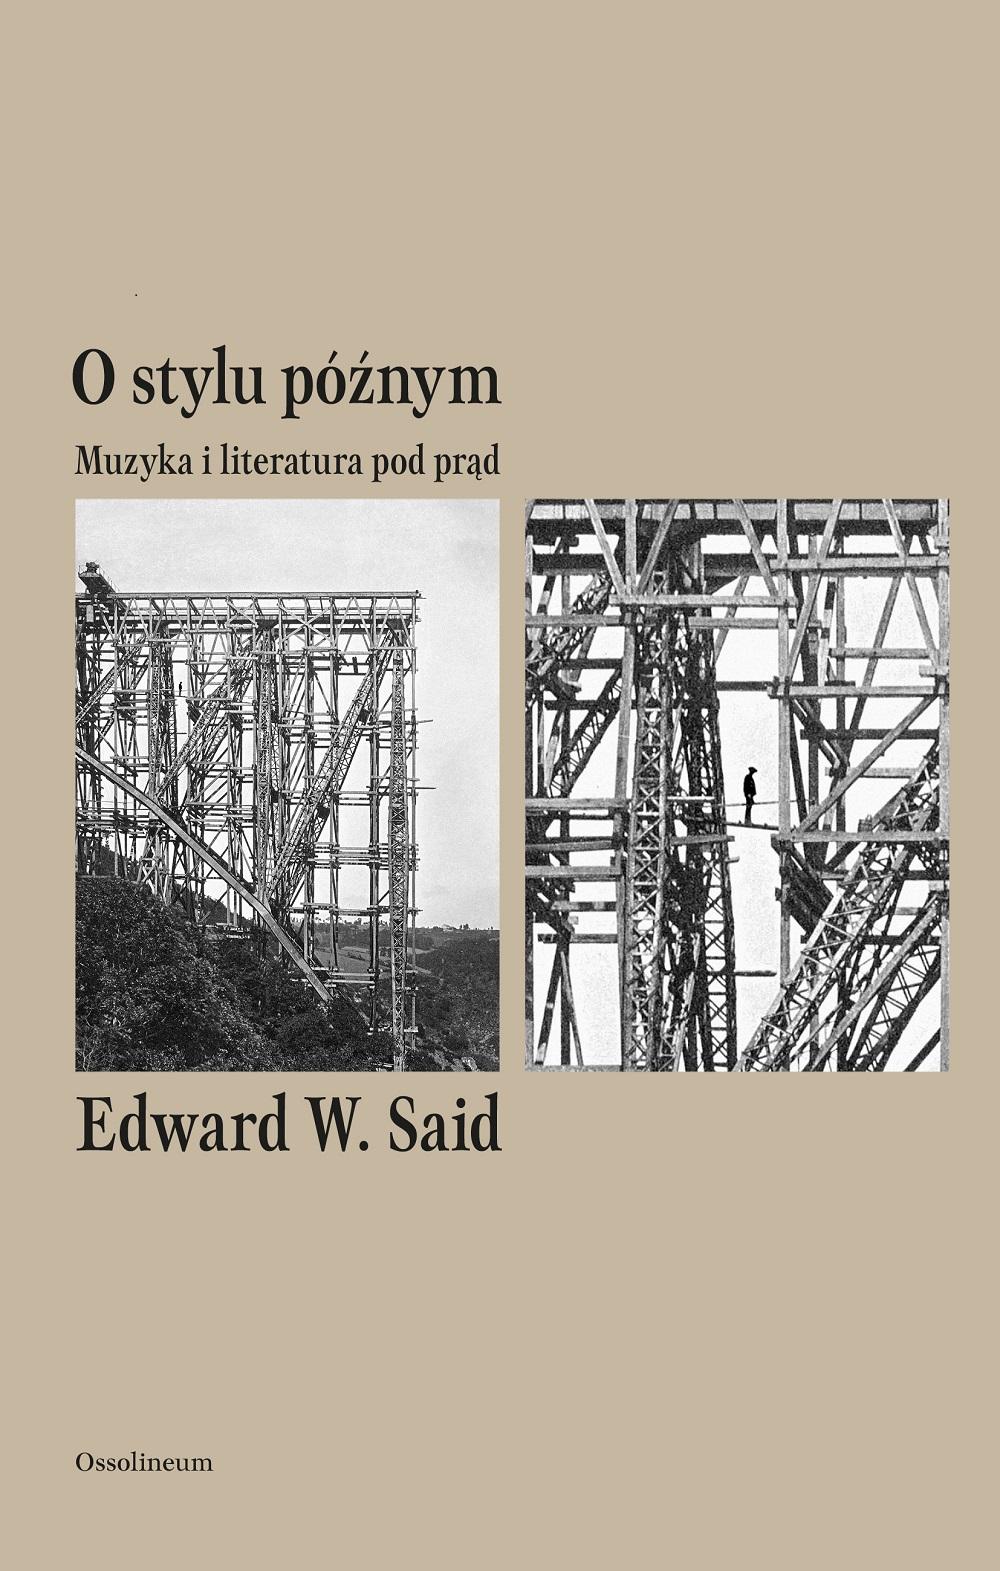 """Edward W. Said, """"O stylu późnym. Muzyka i literatura pod prąd"""" (źródło: materiały prasowe wydawcy)"""